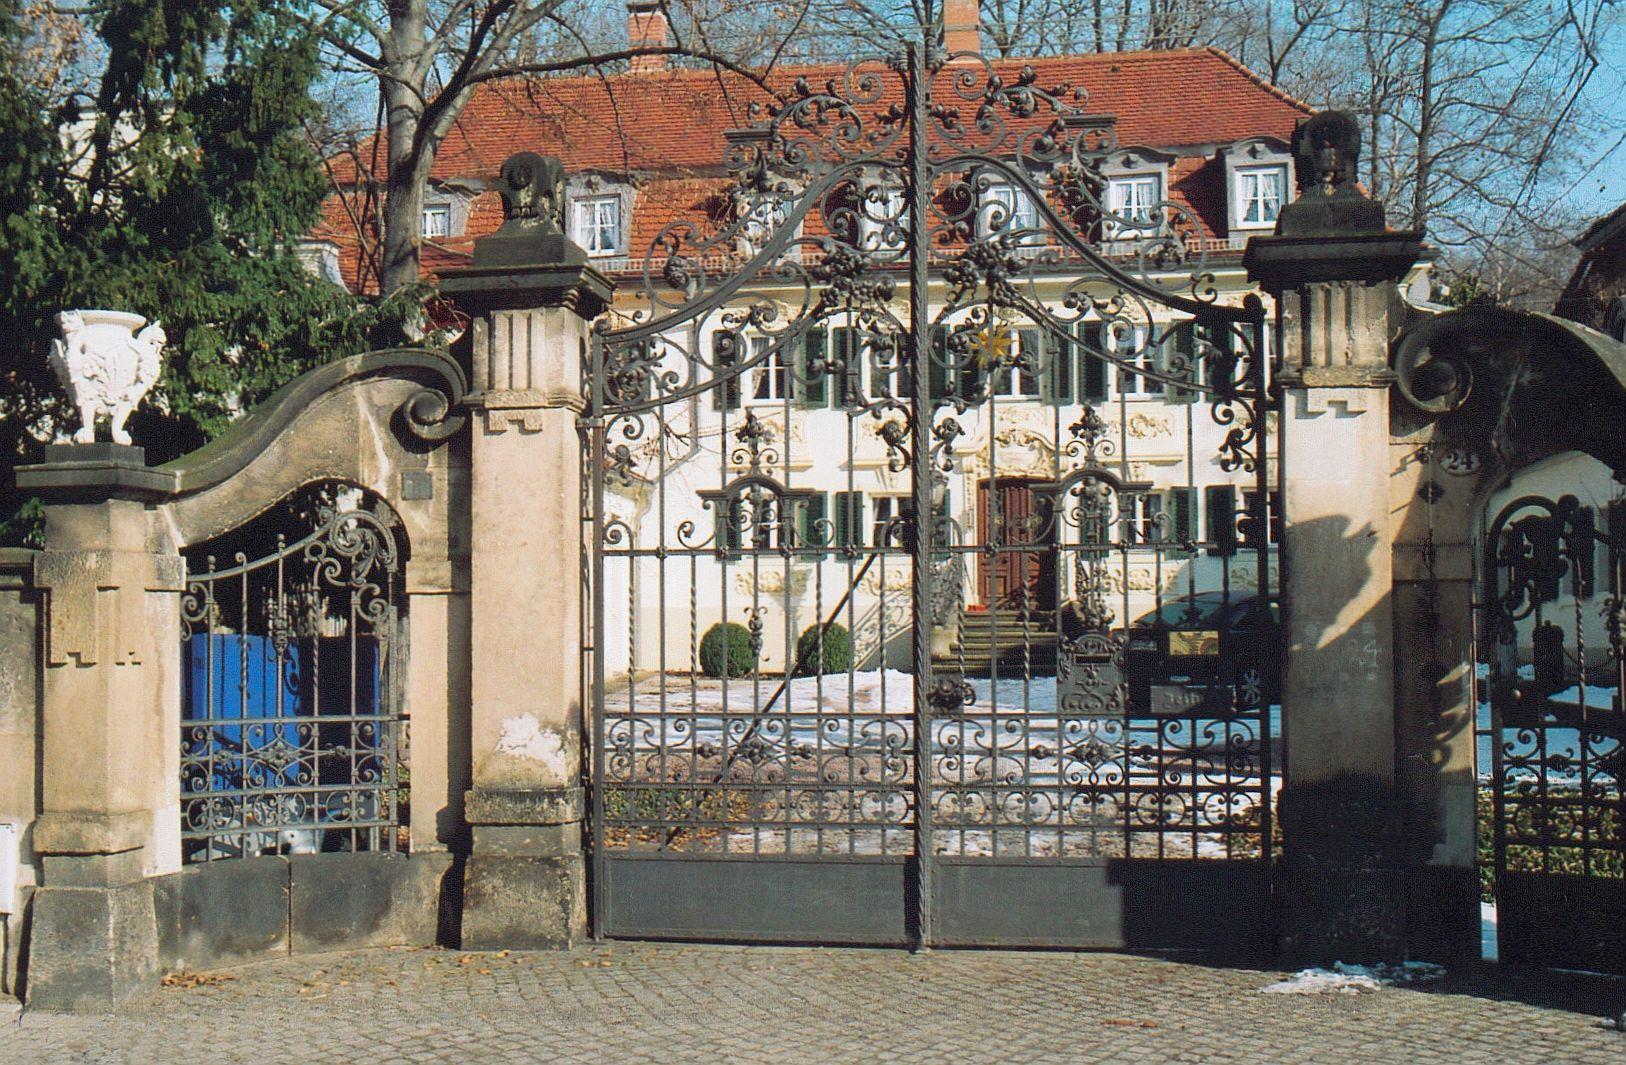 Trachau - Von Menschen, Häusern und Straßen  (1)